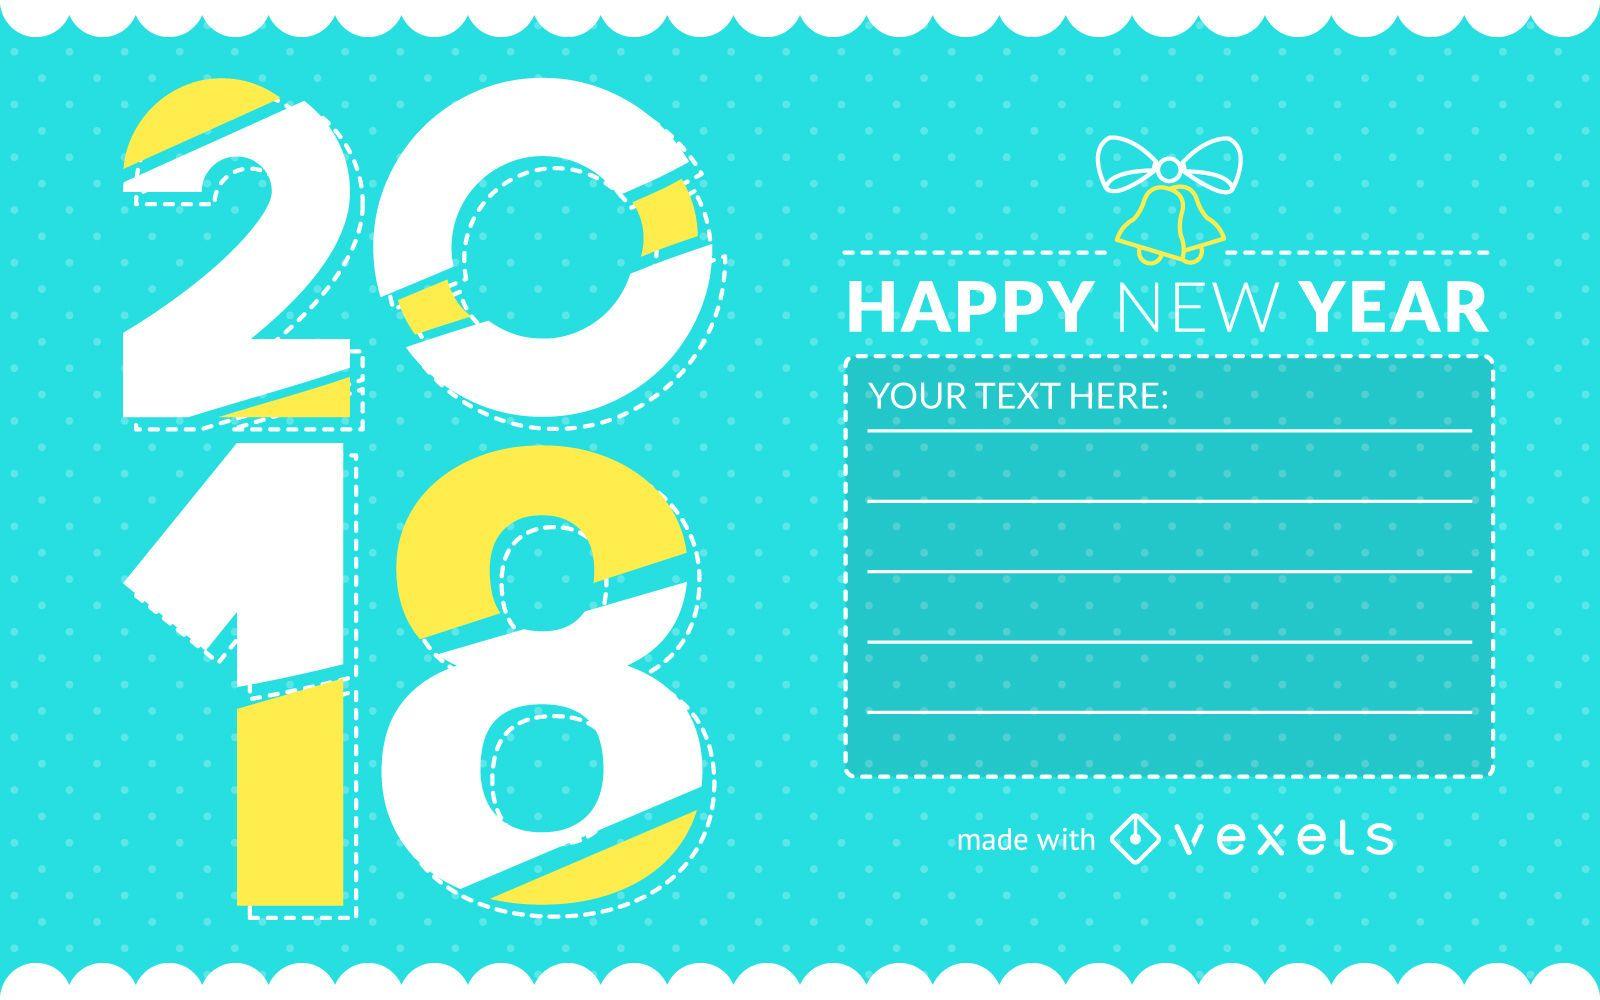 Creador de tarjetas de felicitaci?n de a?o nuevo 2018